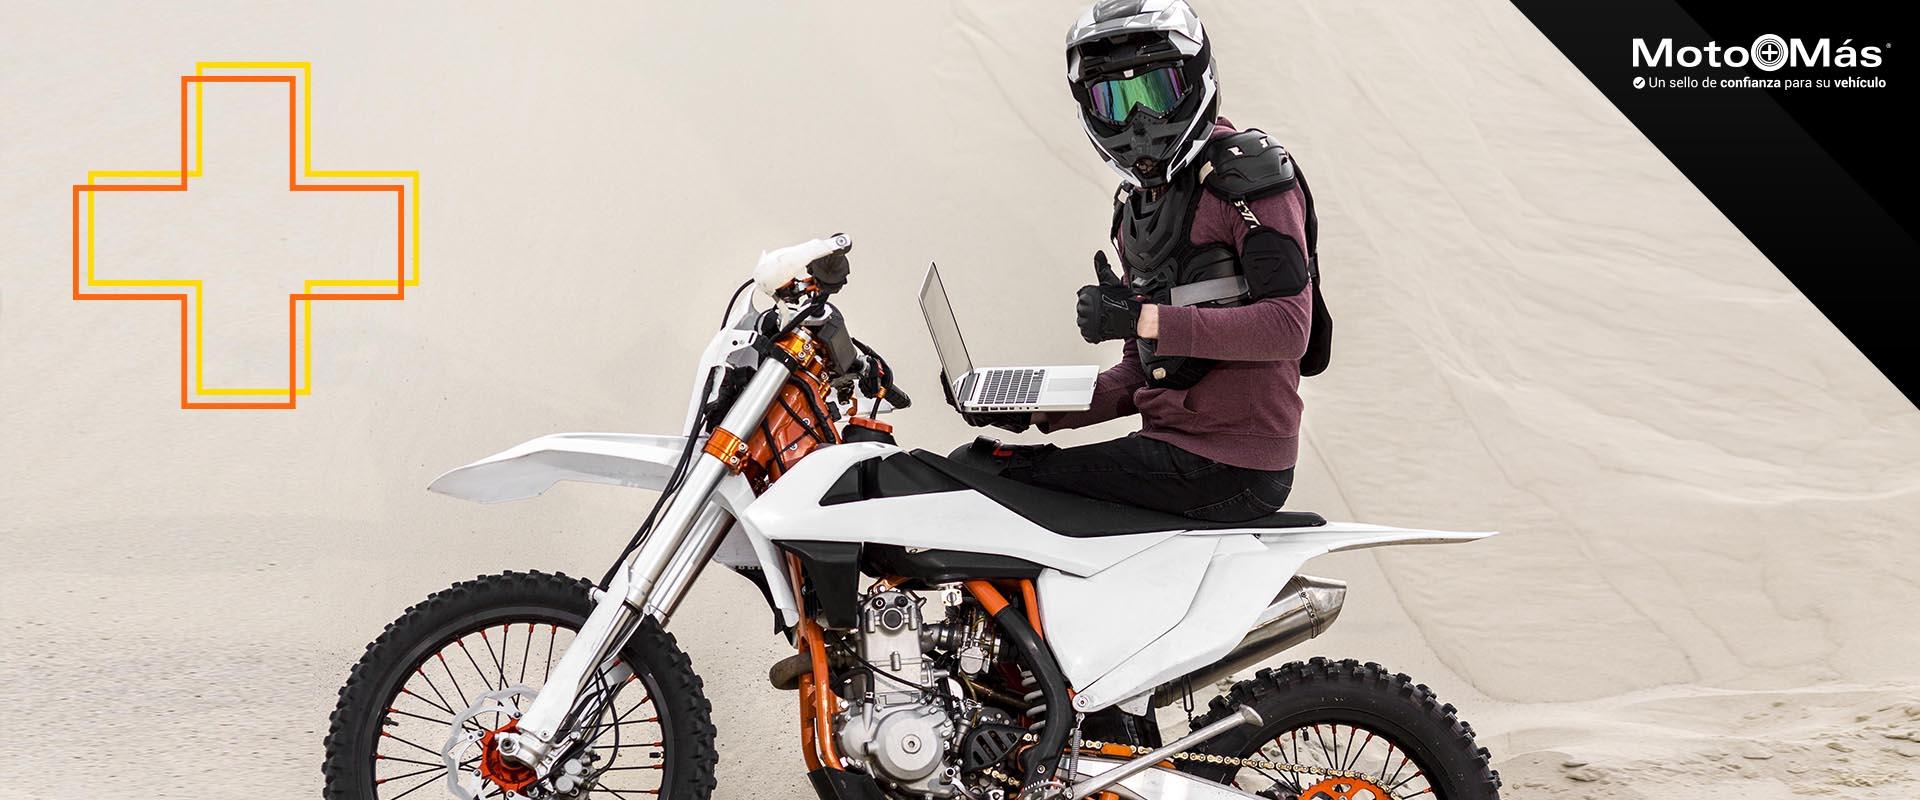 7 blogs de motos que todo motero debe seguir